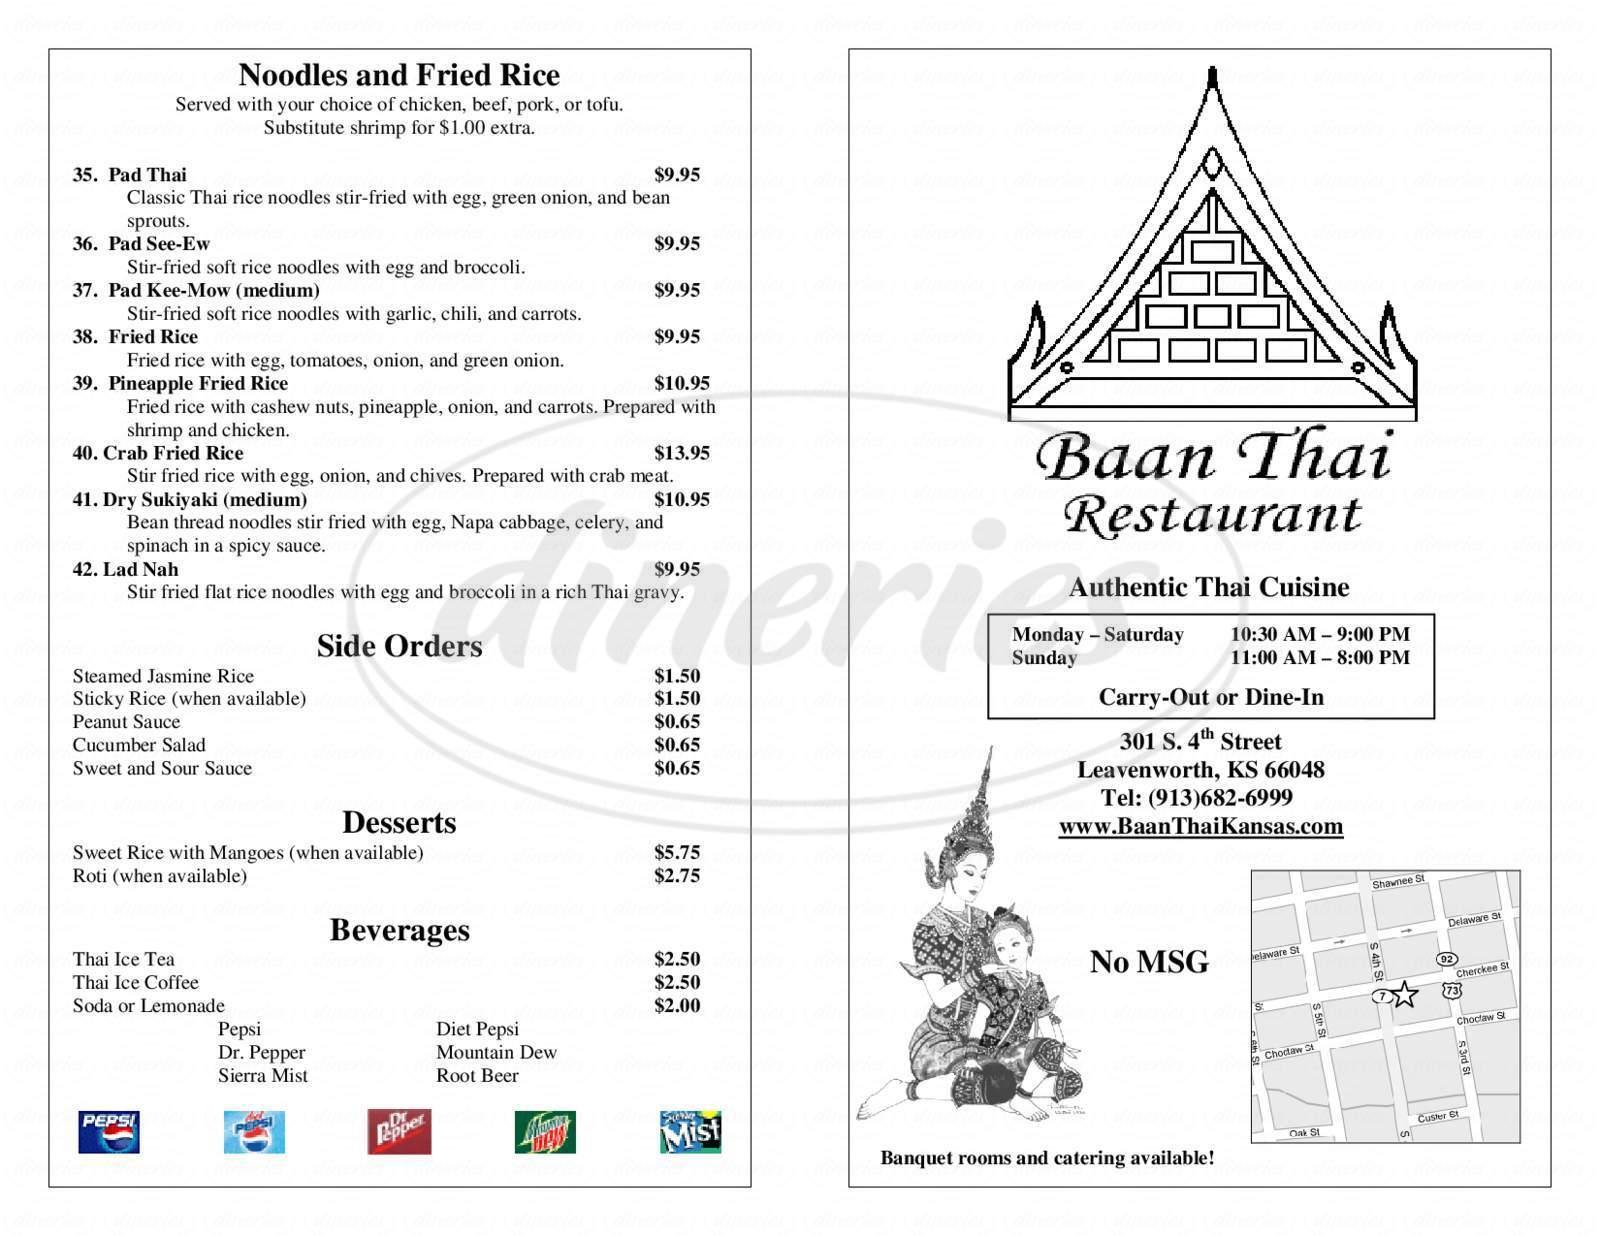 menu for Baan Thai Restaurant